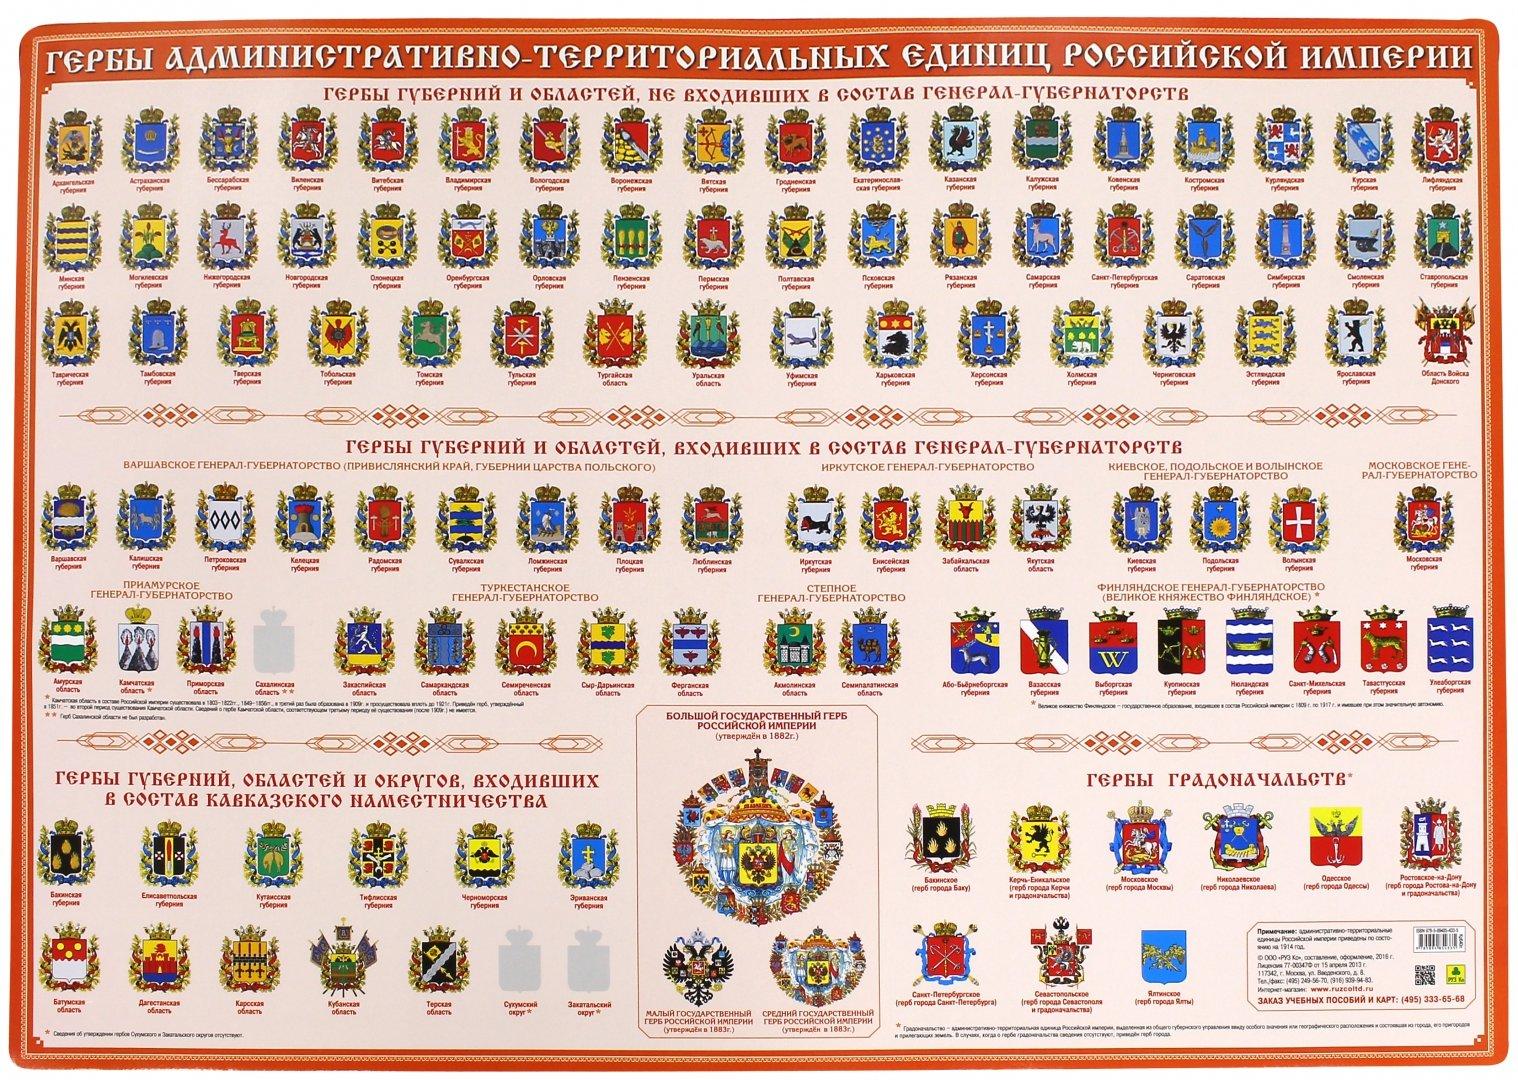 Все гербы городов россии фото с названиями